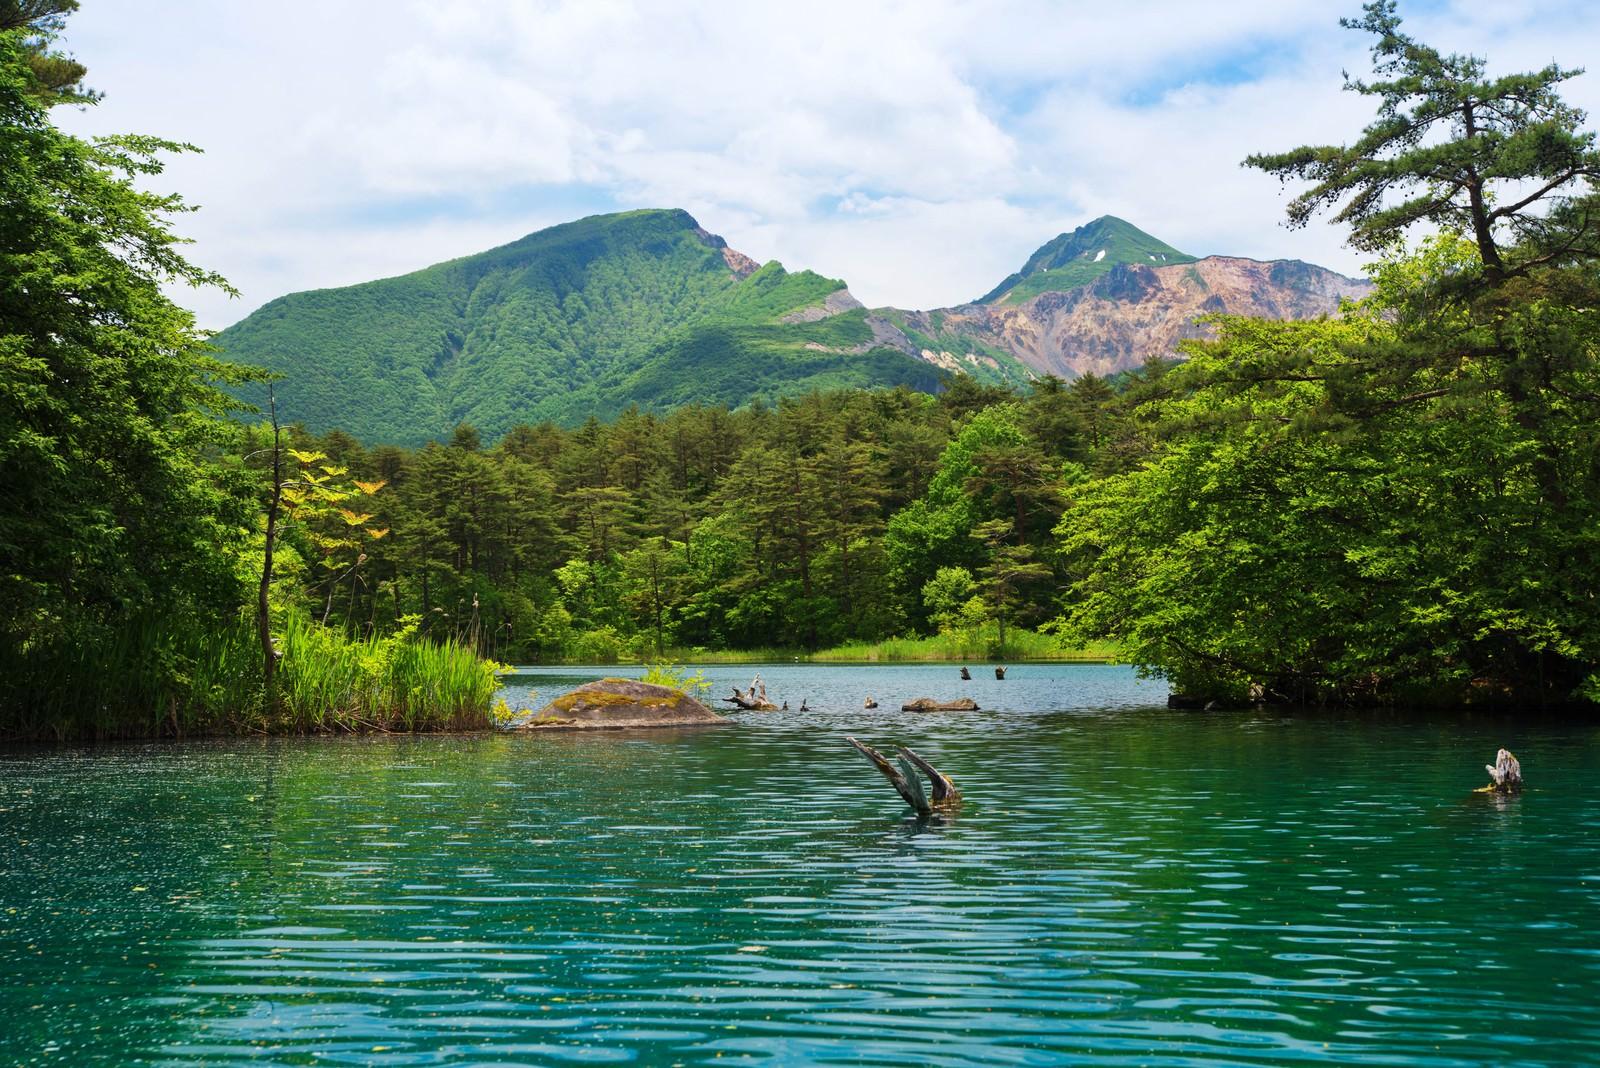 「五色沼と裏磐梯の風景」の写真